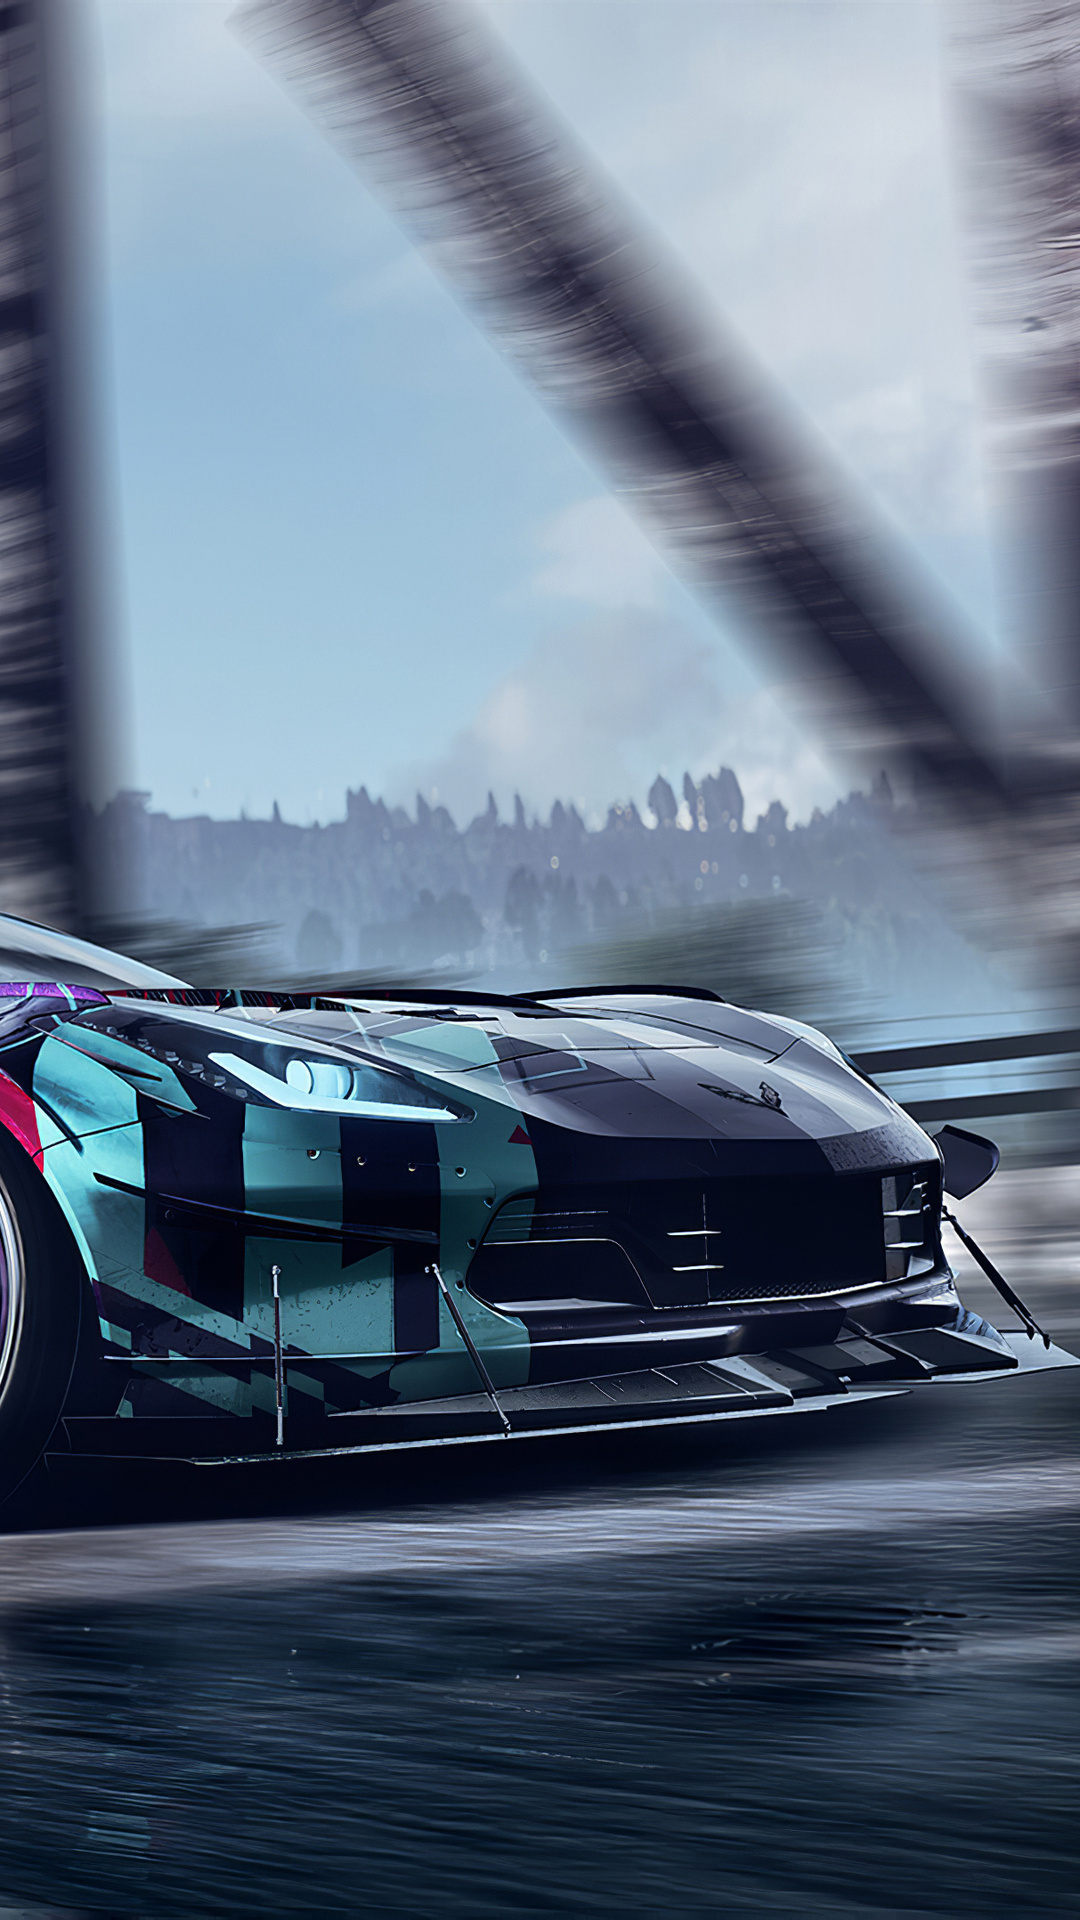 chevrolet-corvette-c7-need-for-speed-heat-4k-c3.jpg